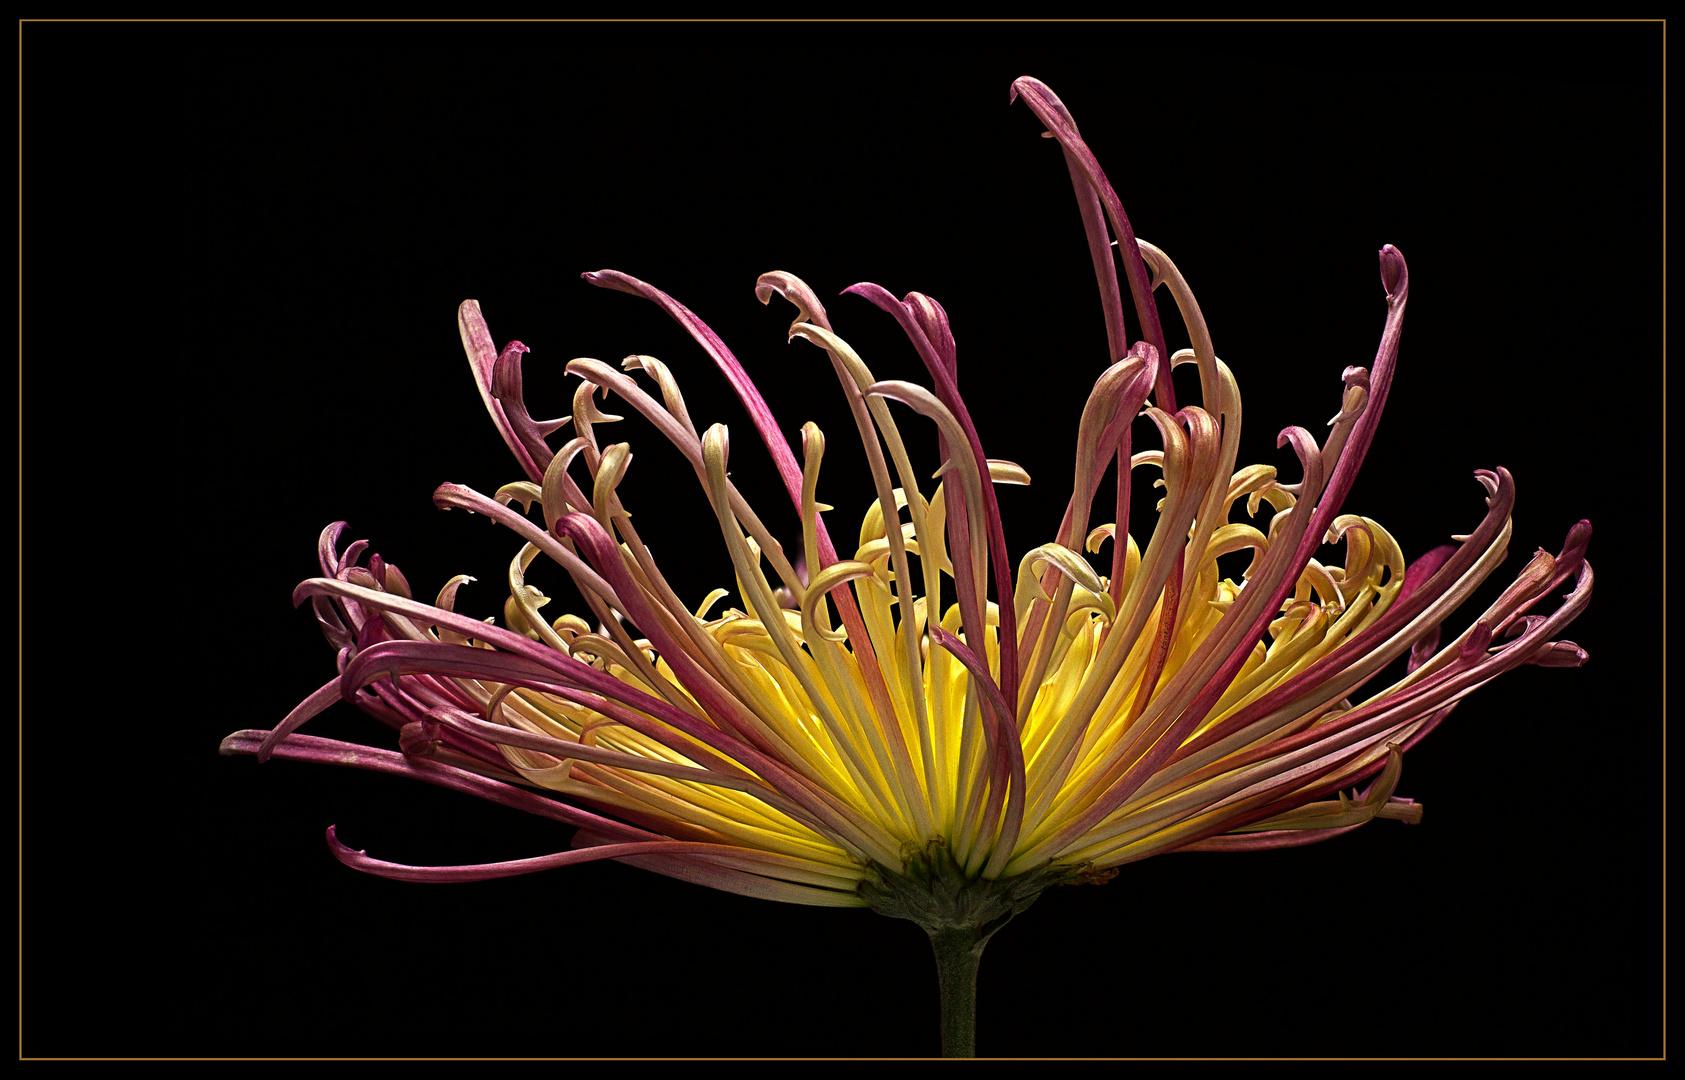 Hier sehen wir eine spinnenblütige Chrysantheme